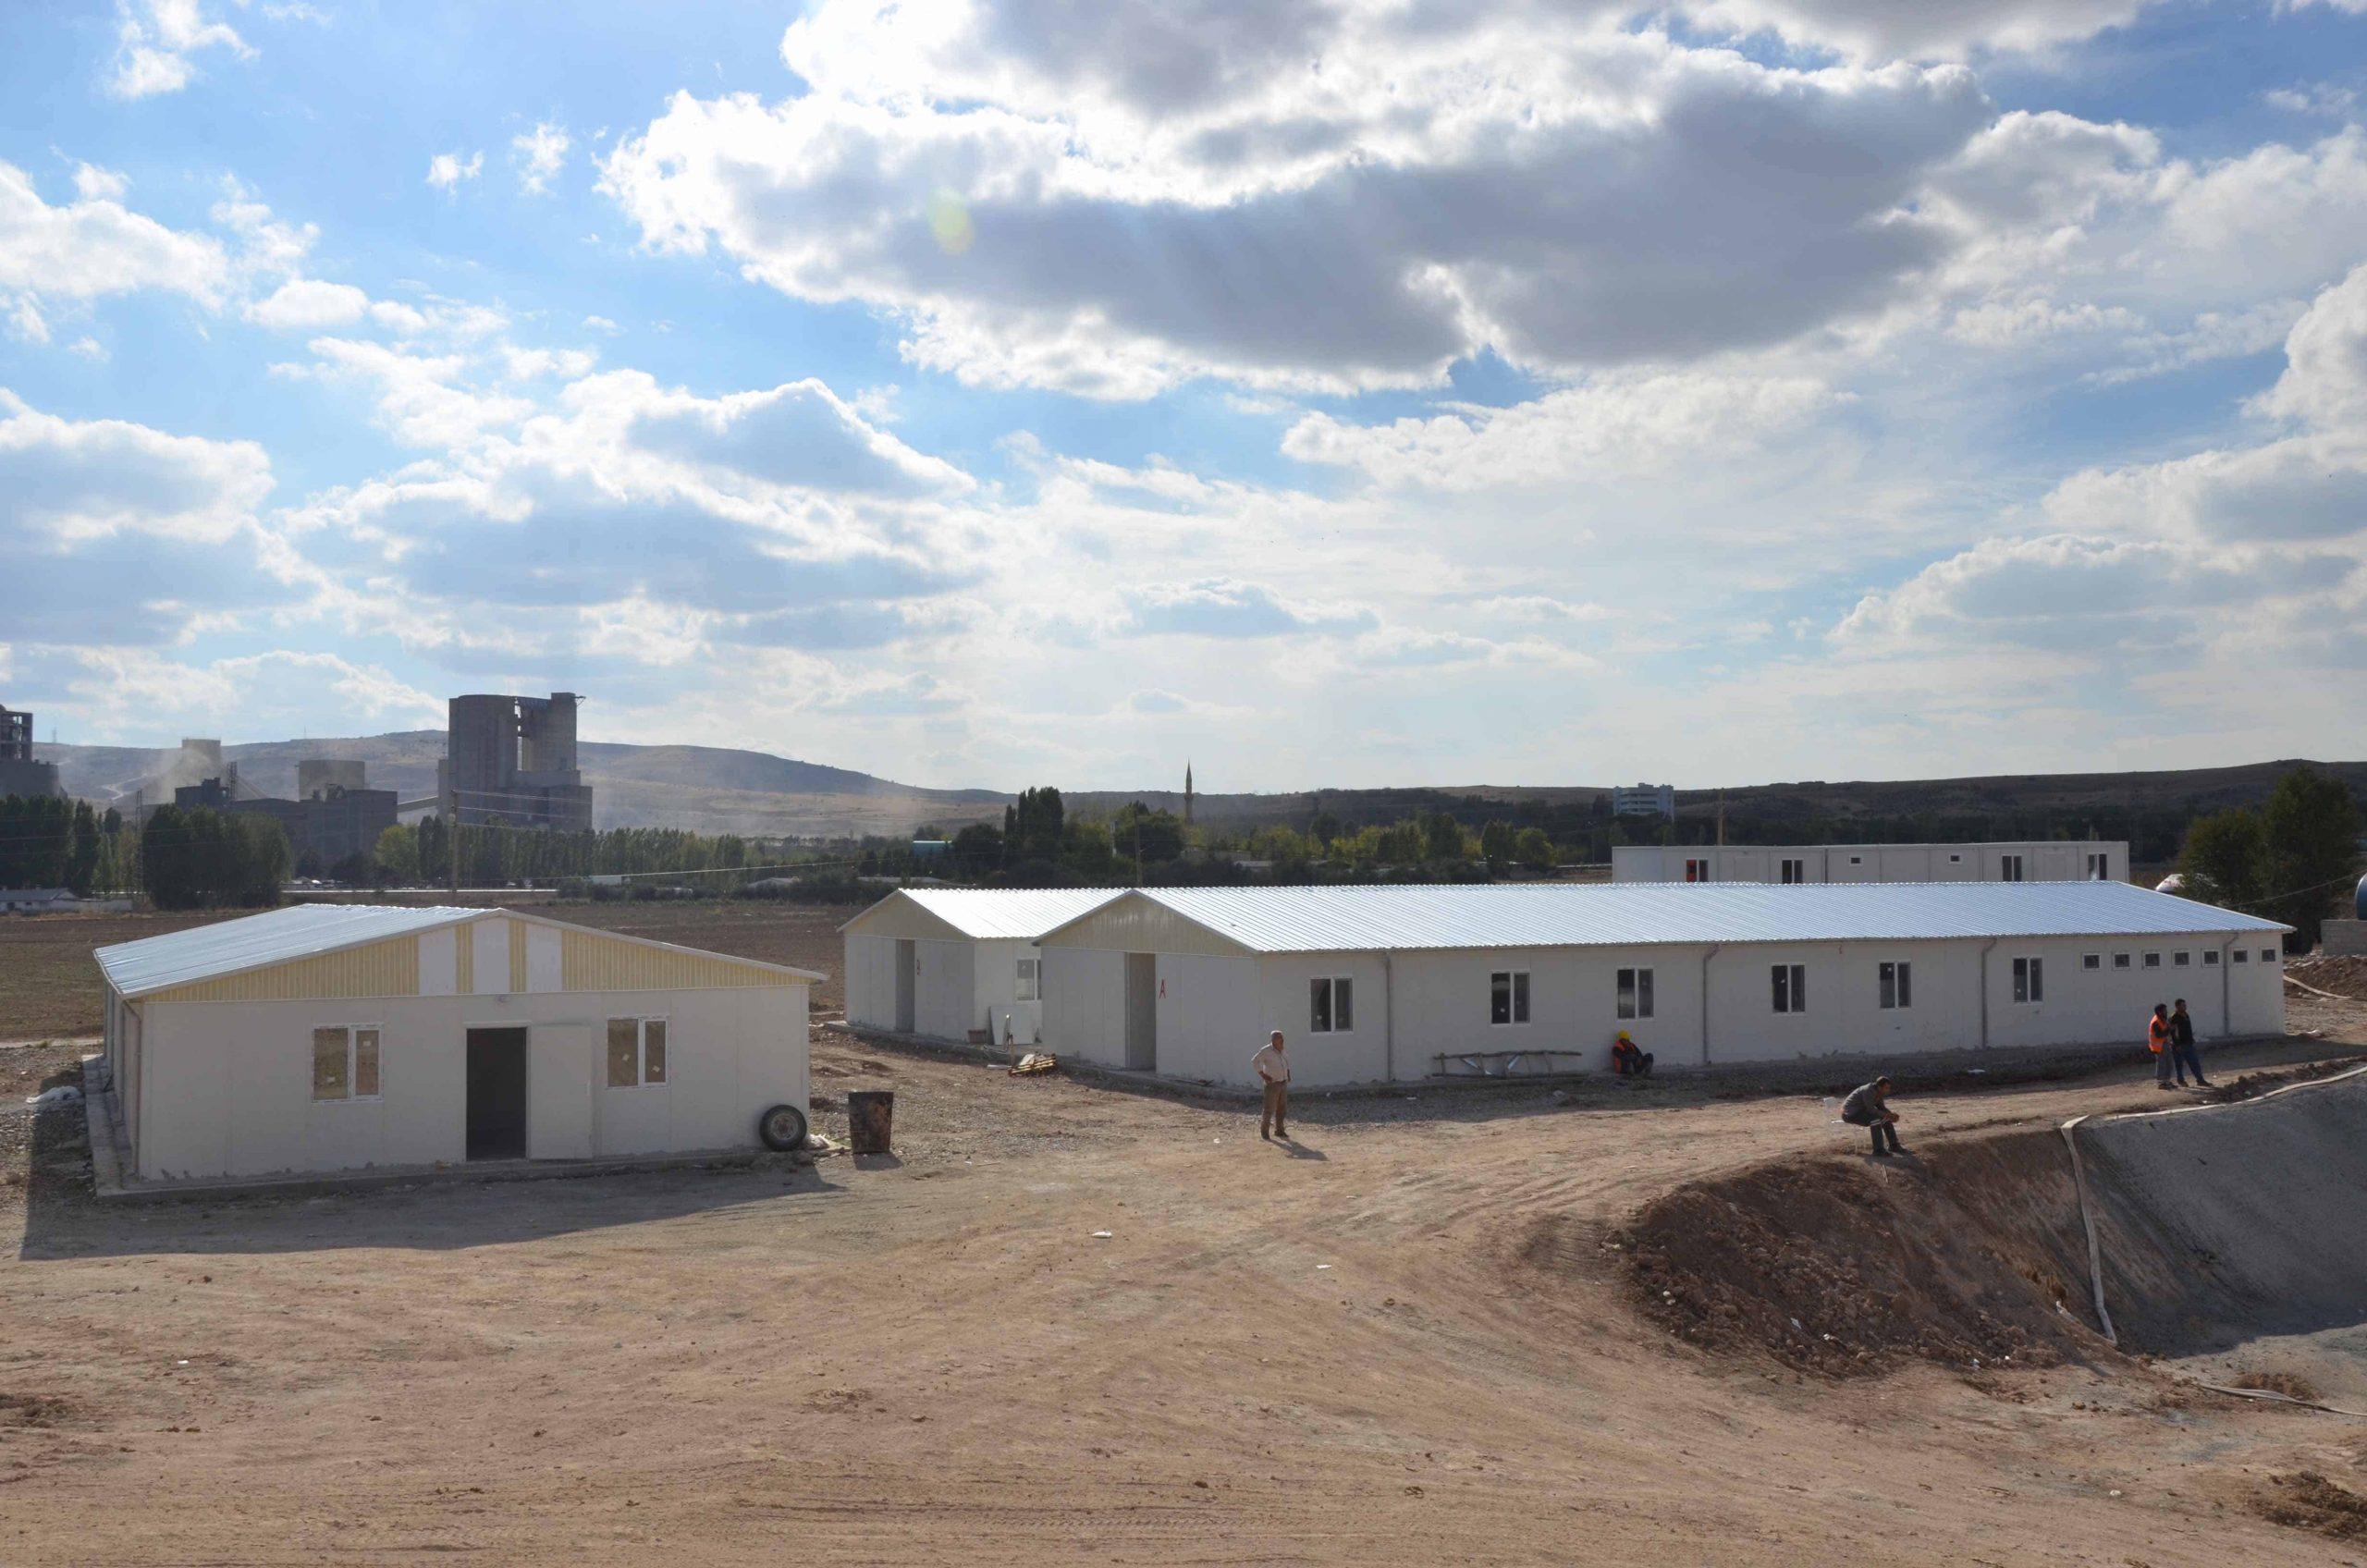 Djibouti : Livraison de bâtiments préfabriqués R+1